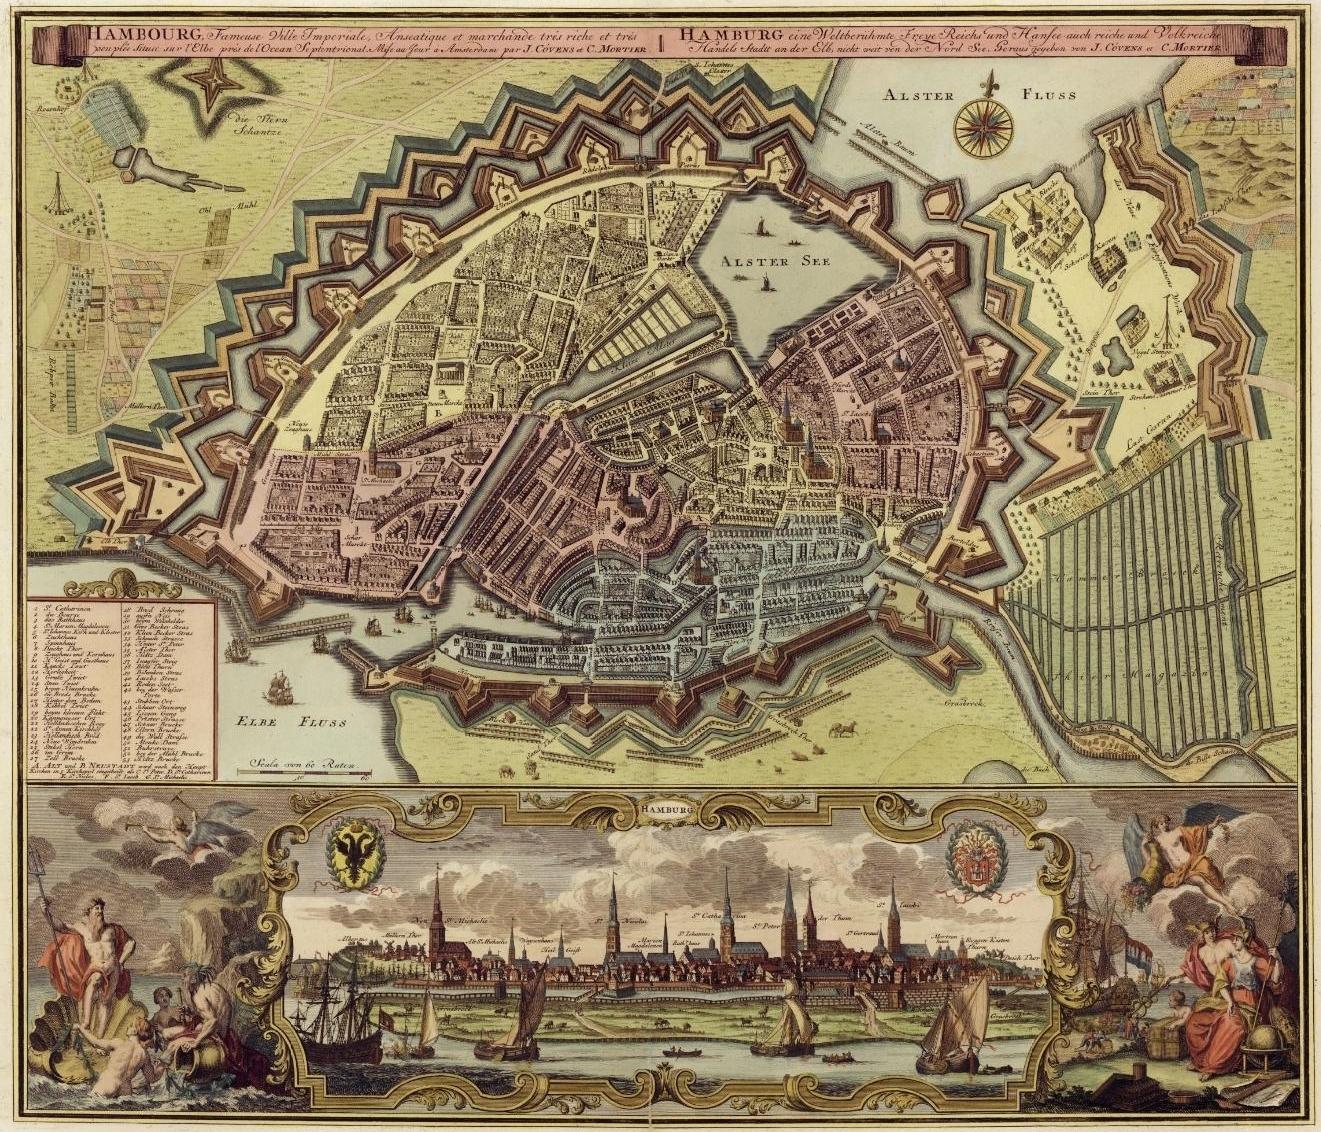 File:1730 Hamburg Covens & Mortier.